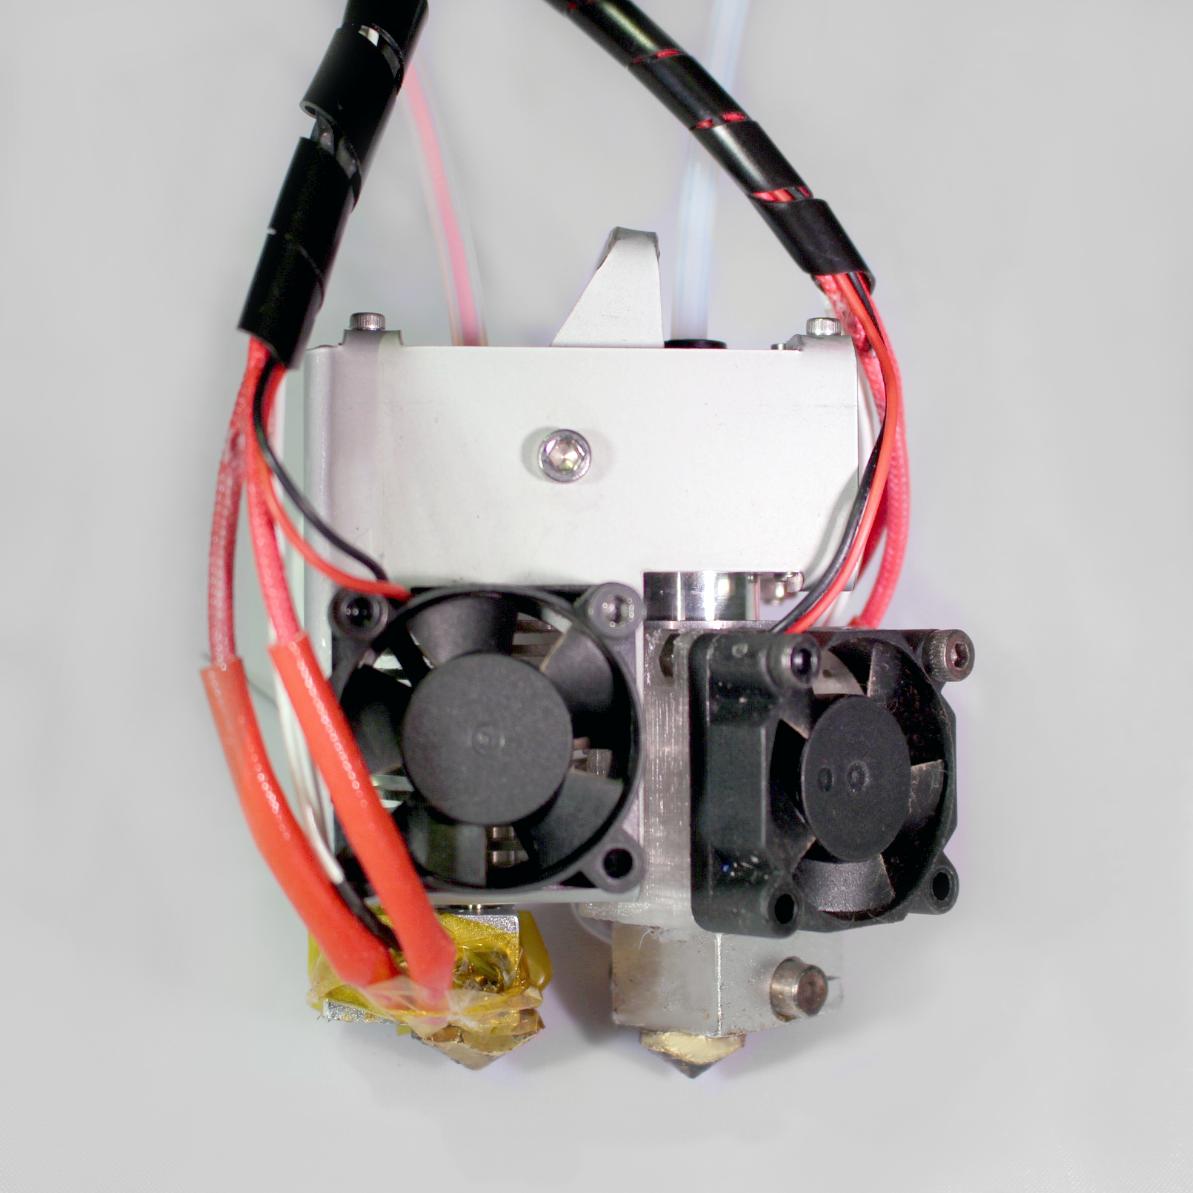 デュアルヘッドユニットT-Lifter - 画像2